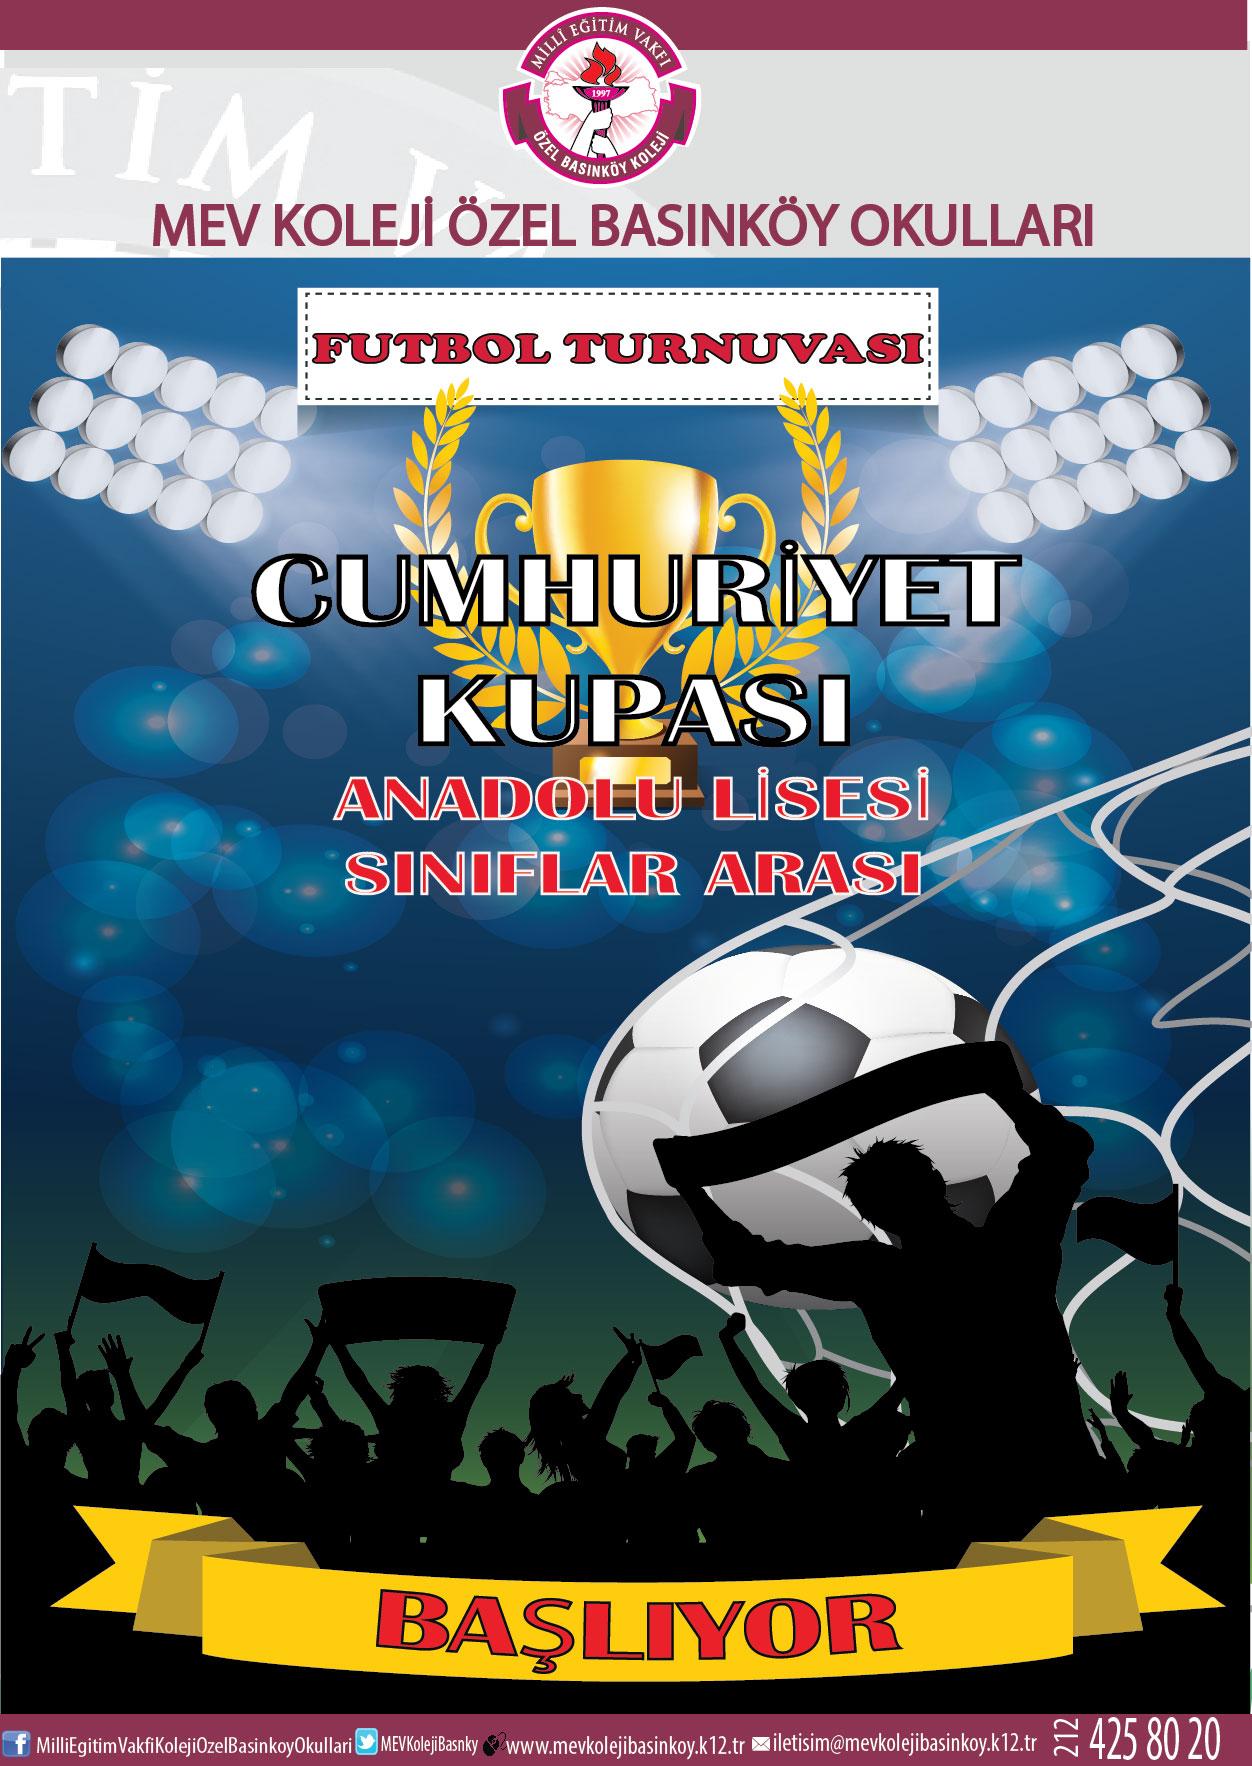 Anadolu Lisesi Sınıflararası Cumhuriyet Kupası Futbol Turnuvamız Başlıyor